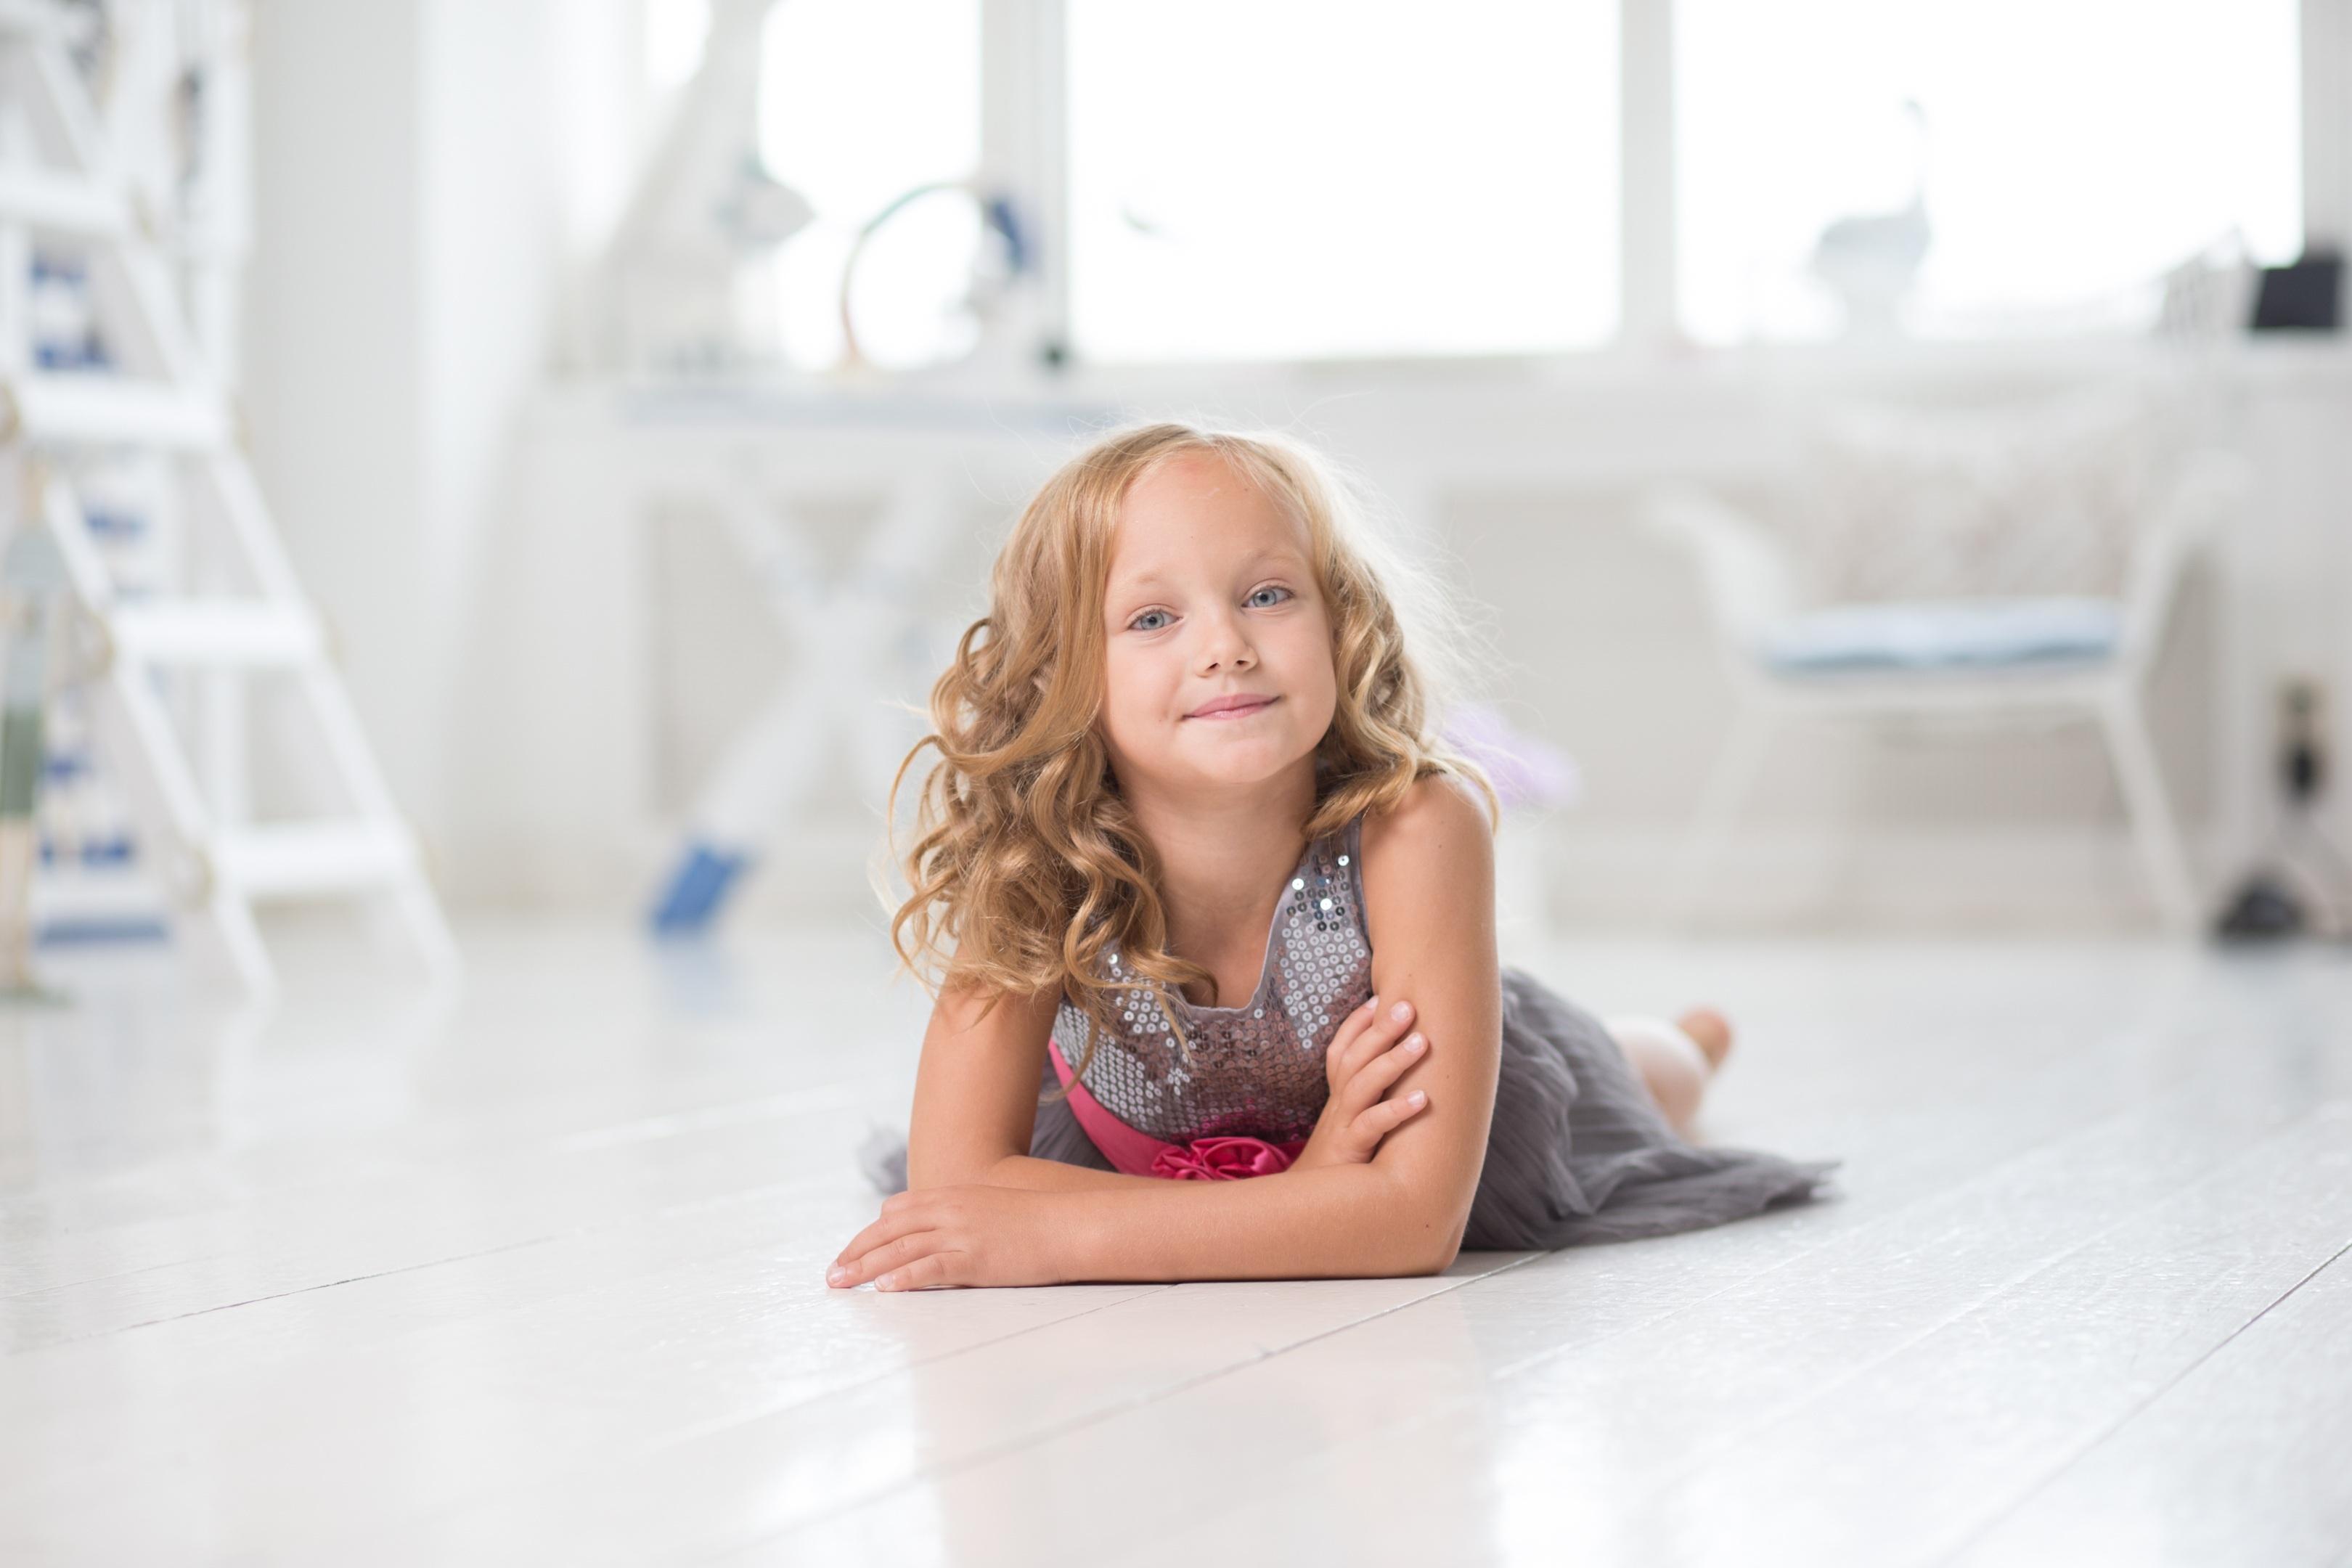 100+100+100项目总结:智力障碍儿童